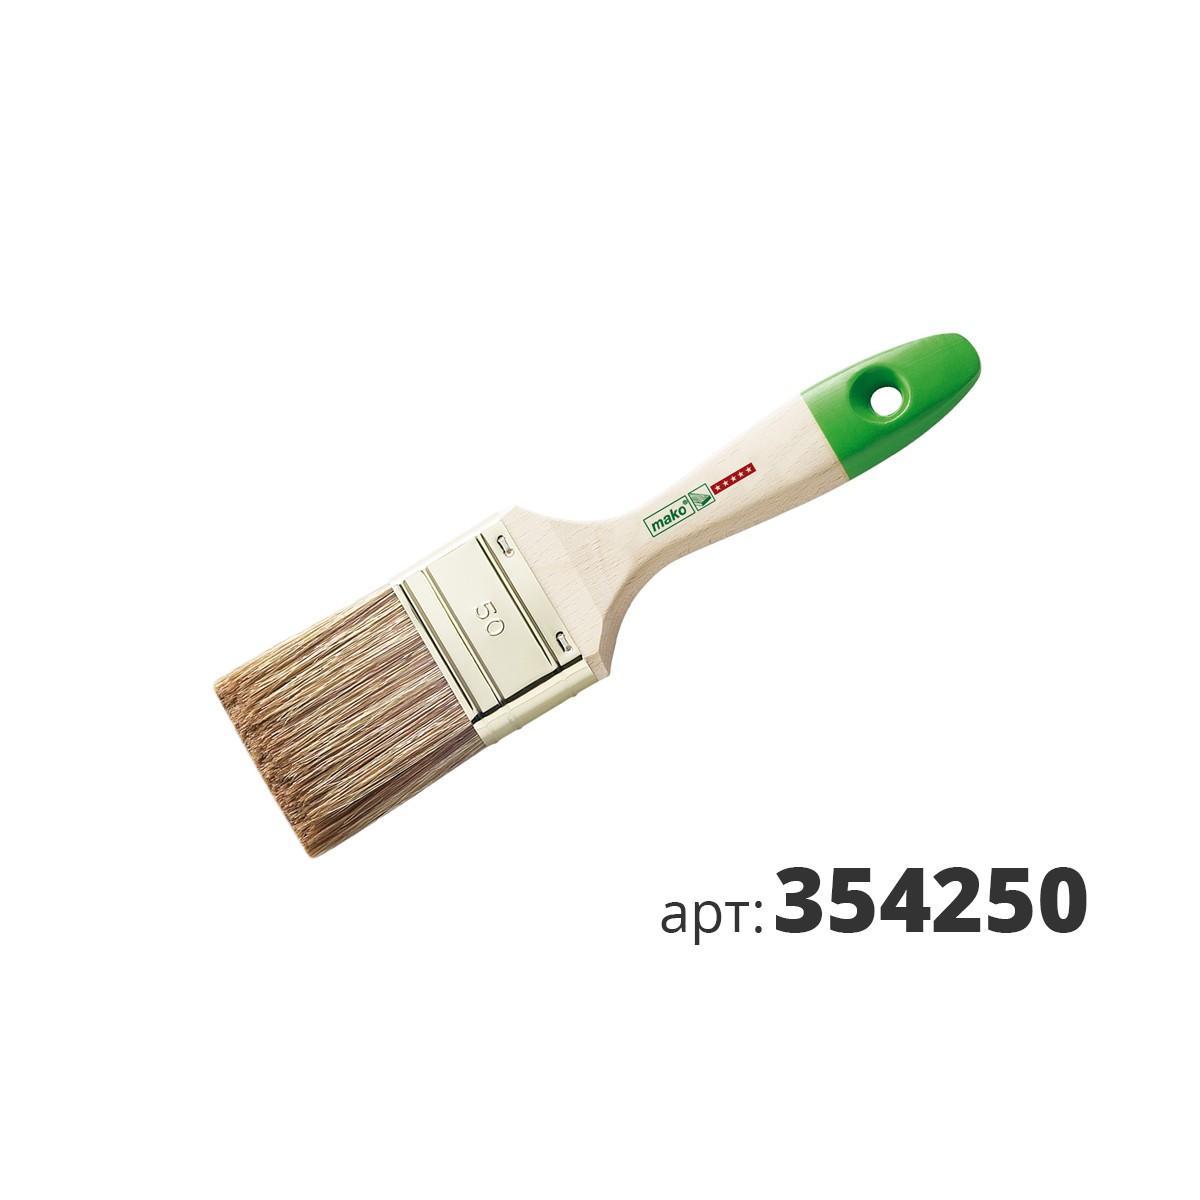 МАКО кисть флейцевая, смесь полиэстер (Hollester) и натуральной щетины 354250